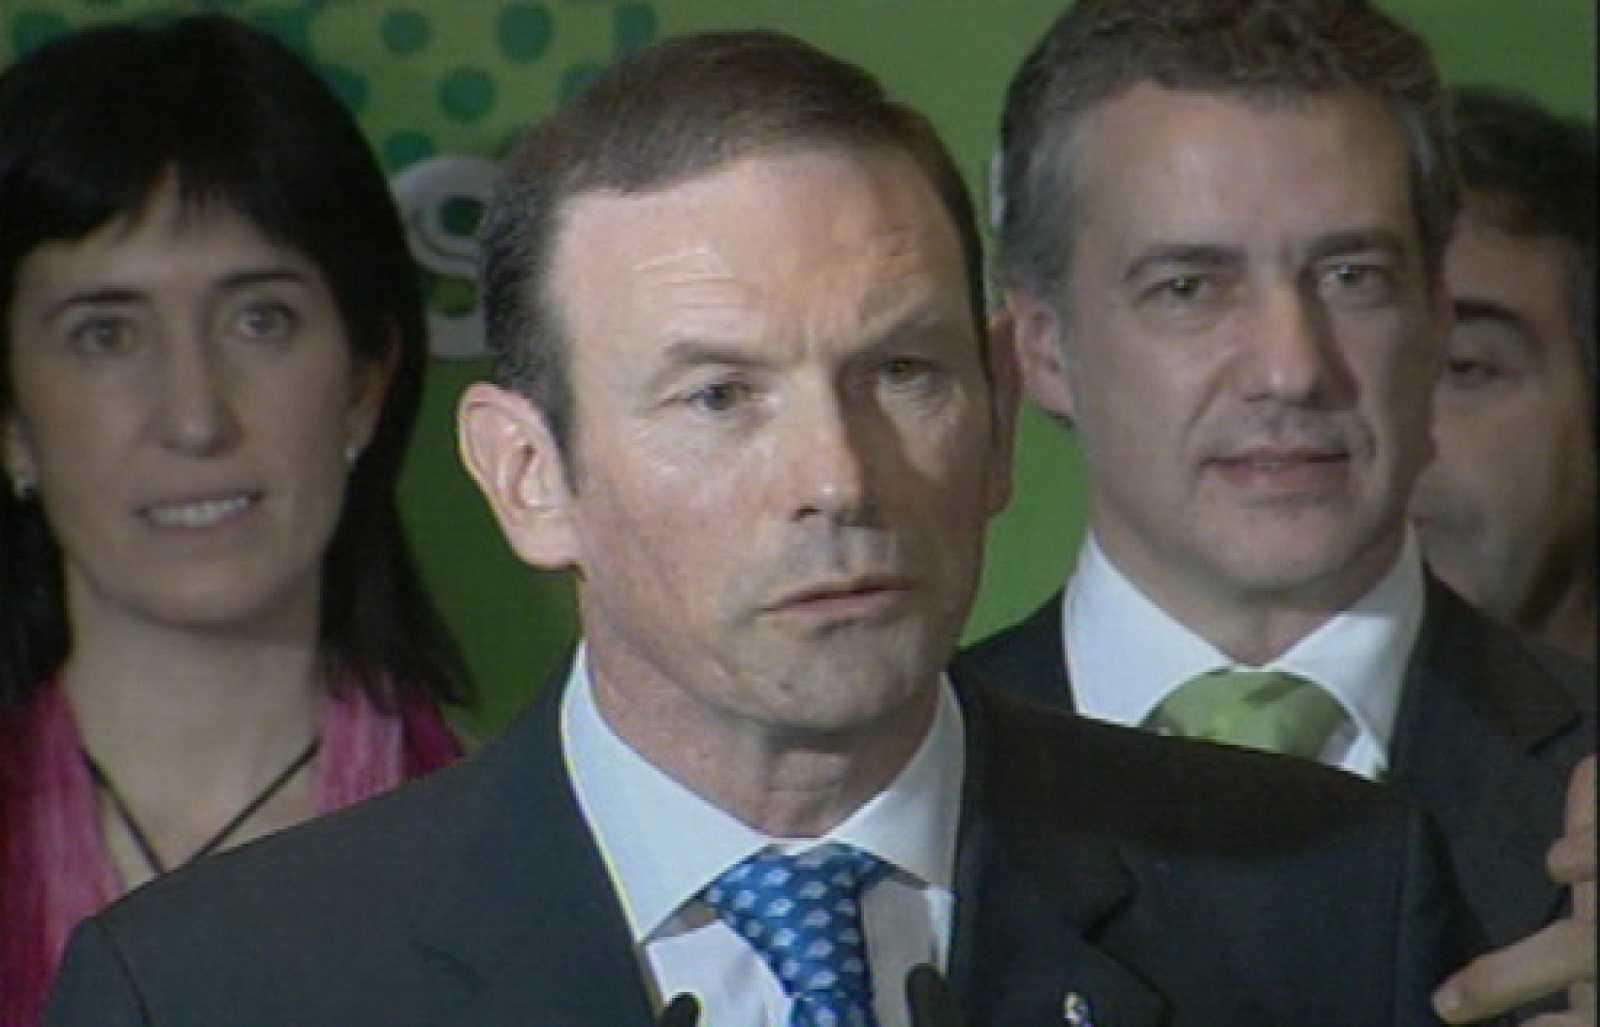 Juan José Ibarrtexe vence y convence en Euskadi aunque tendrá dificil formar gobierno